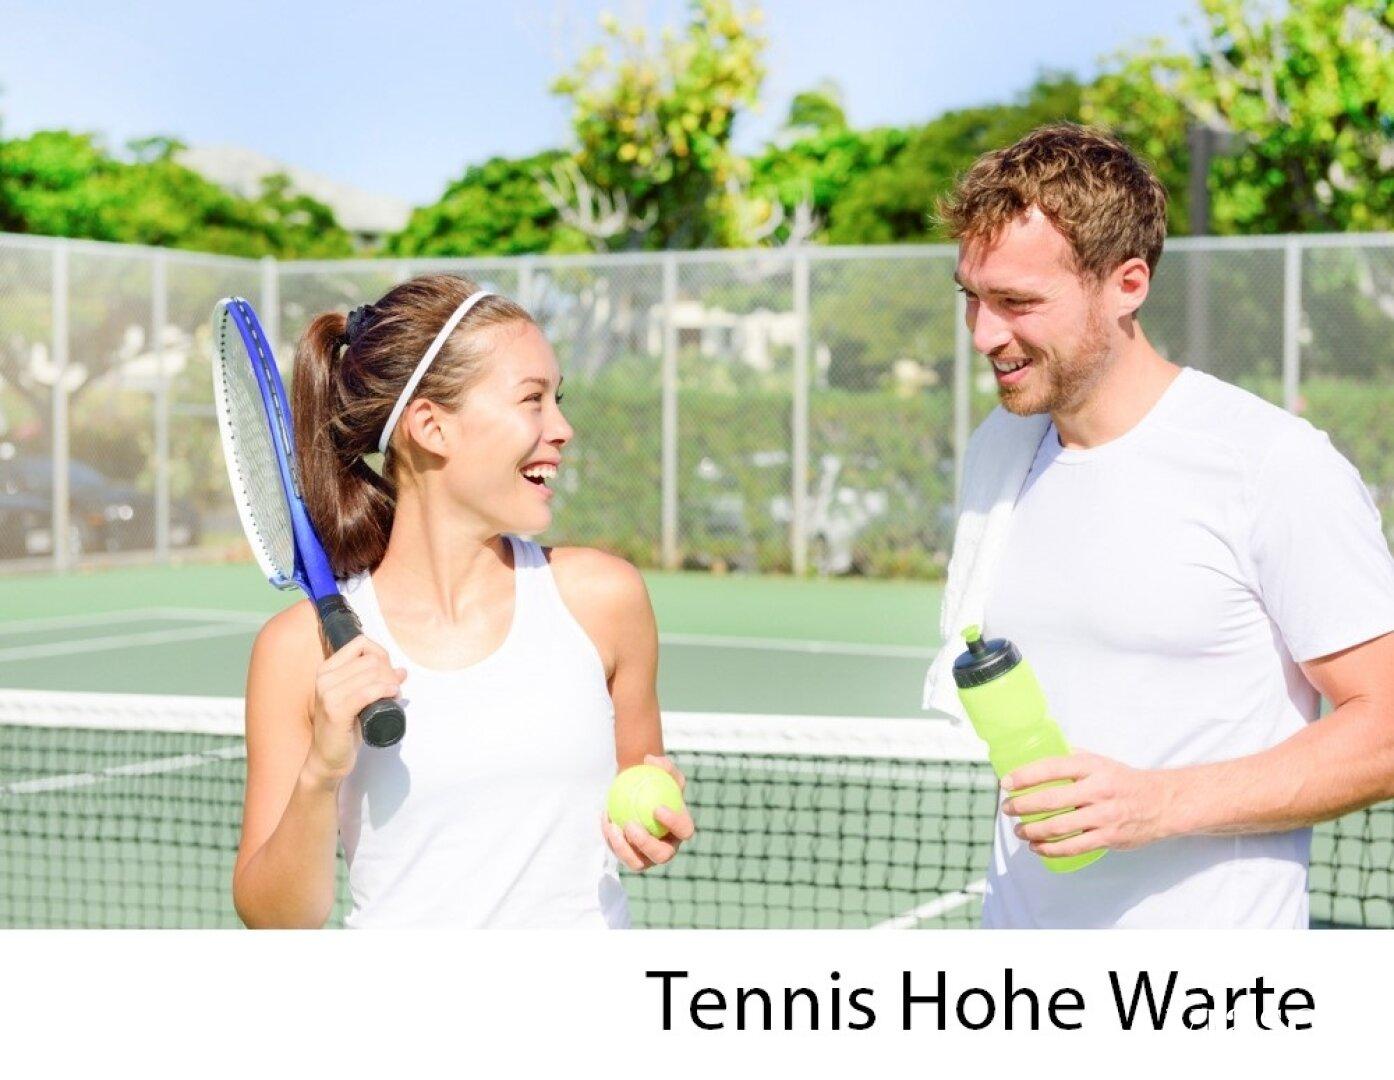 Tennis Hohe Warte